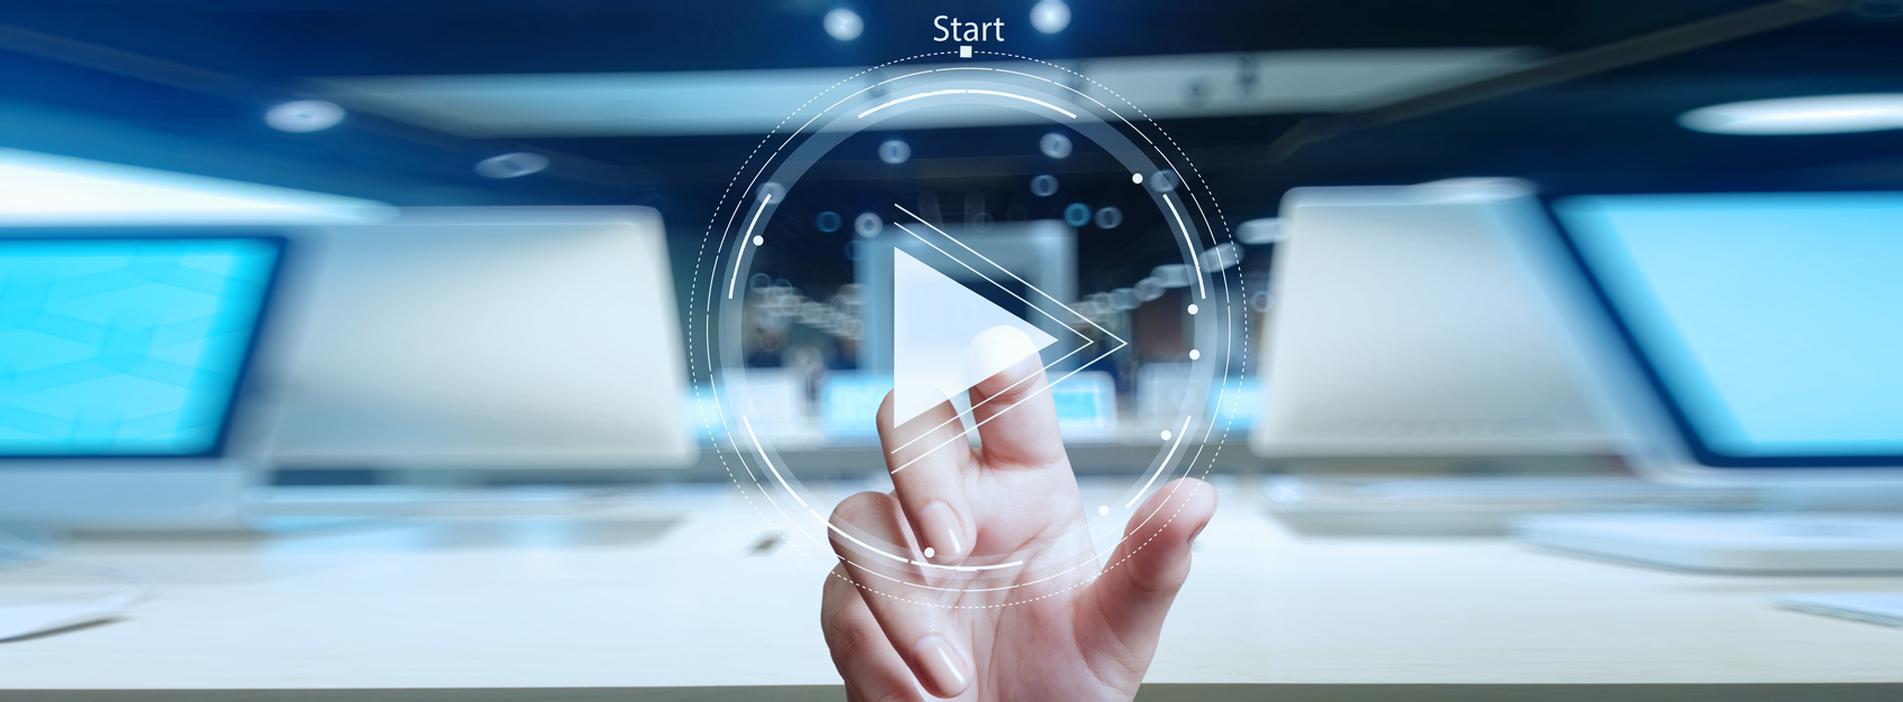 Pensieve, la solución del MIT para reducir los tiempos de espera en vídeos